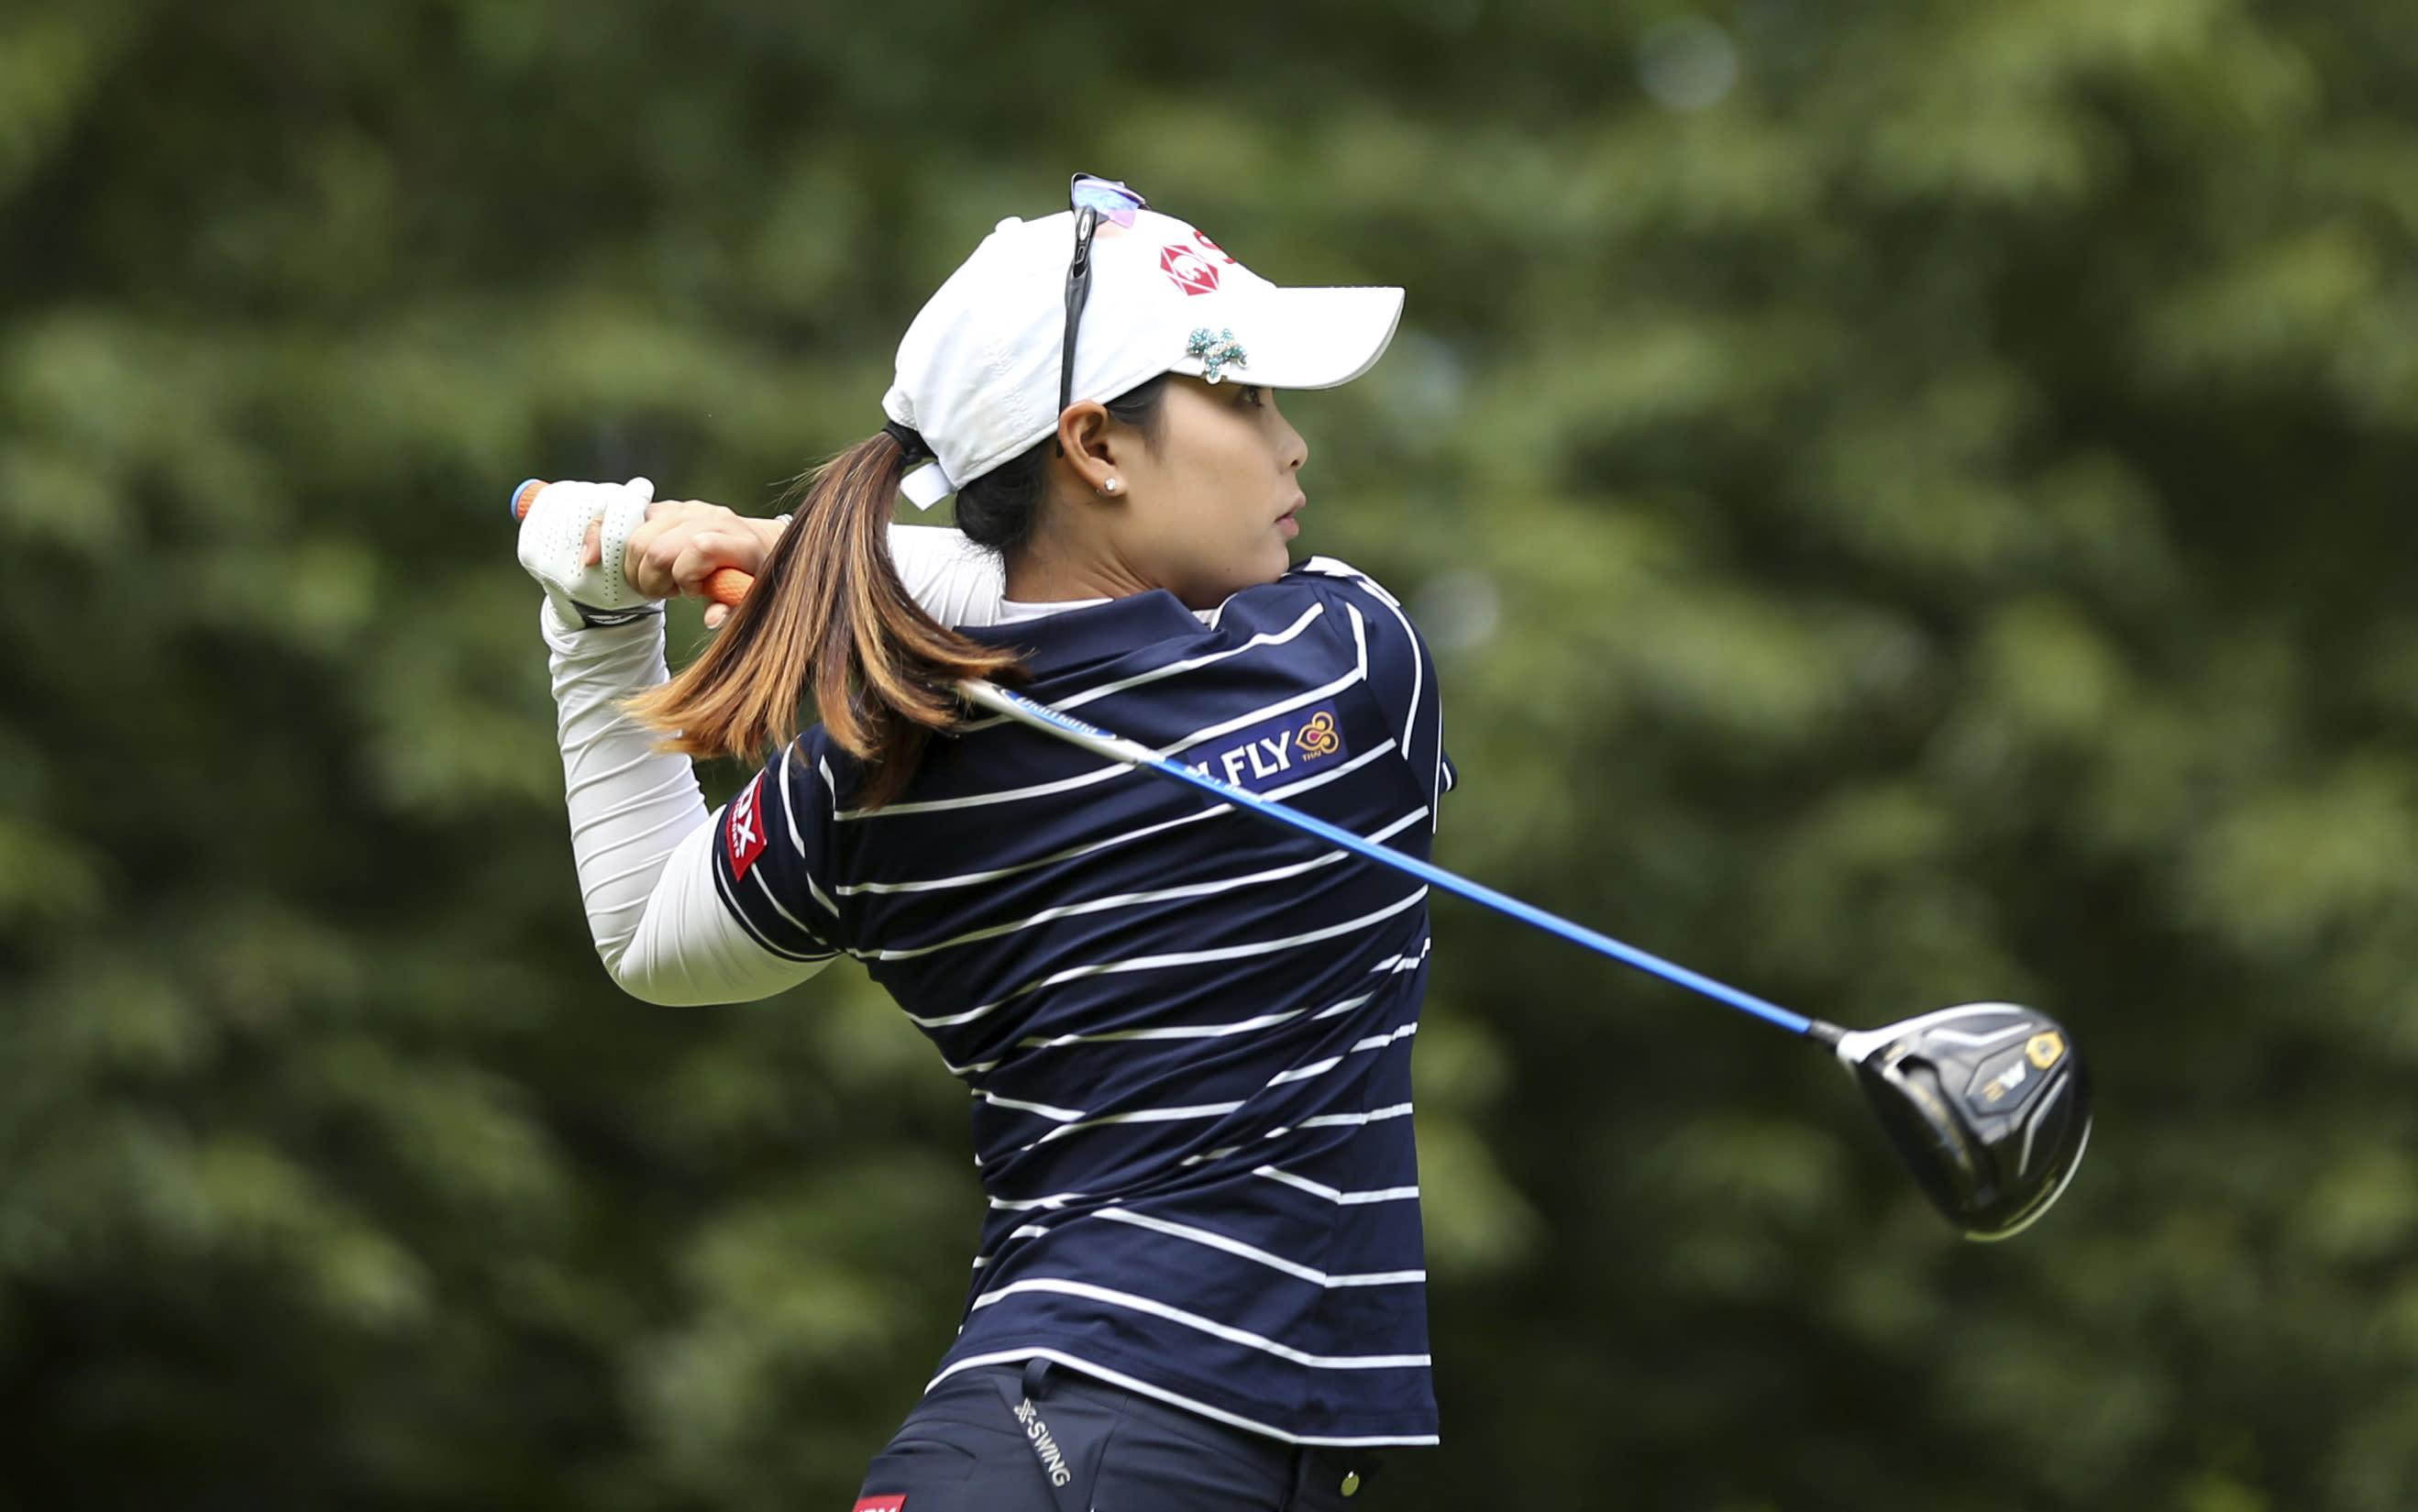 Shibuno grabs lead at Women's British Open on dream debut